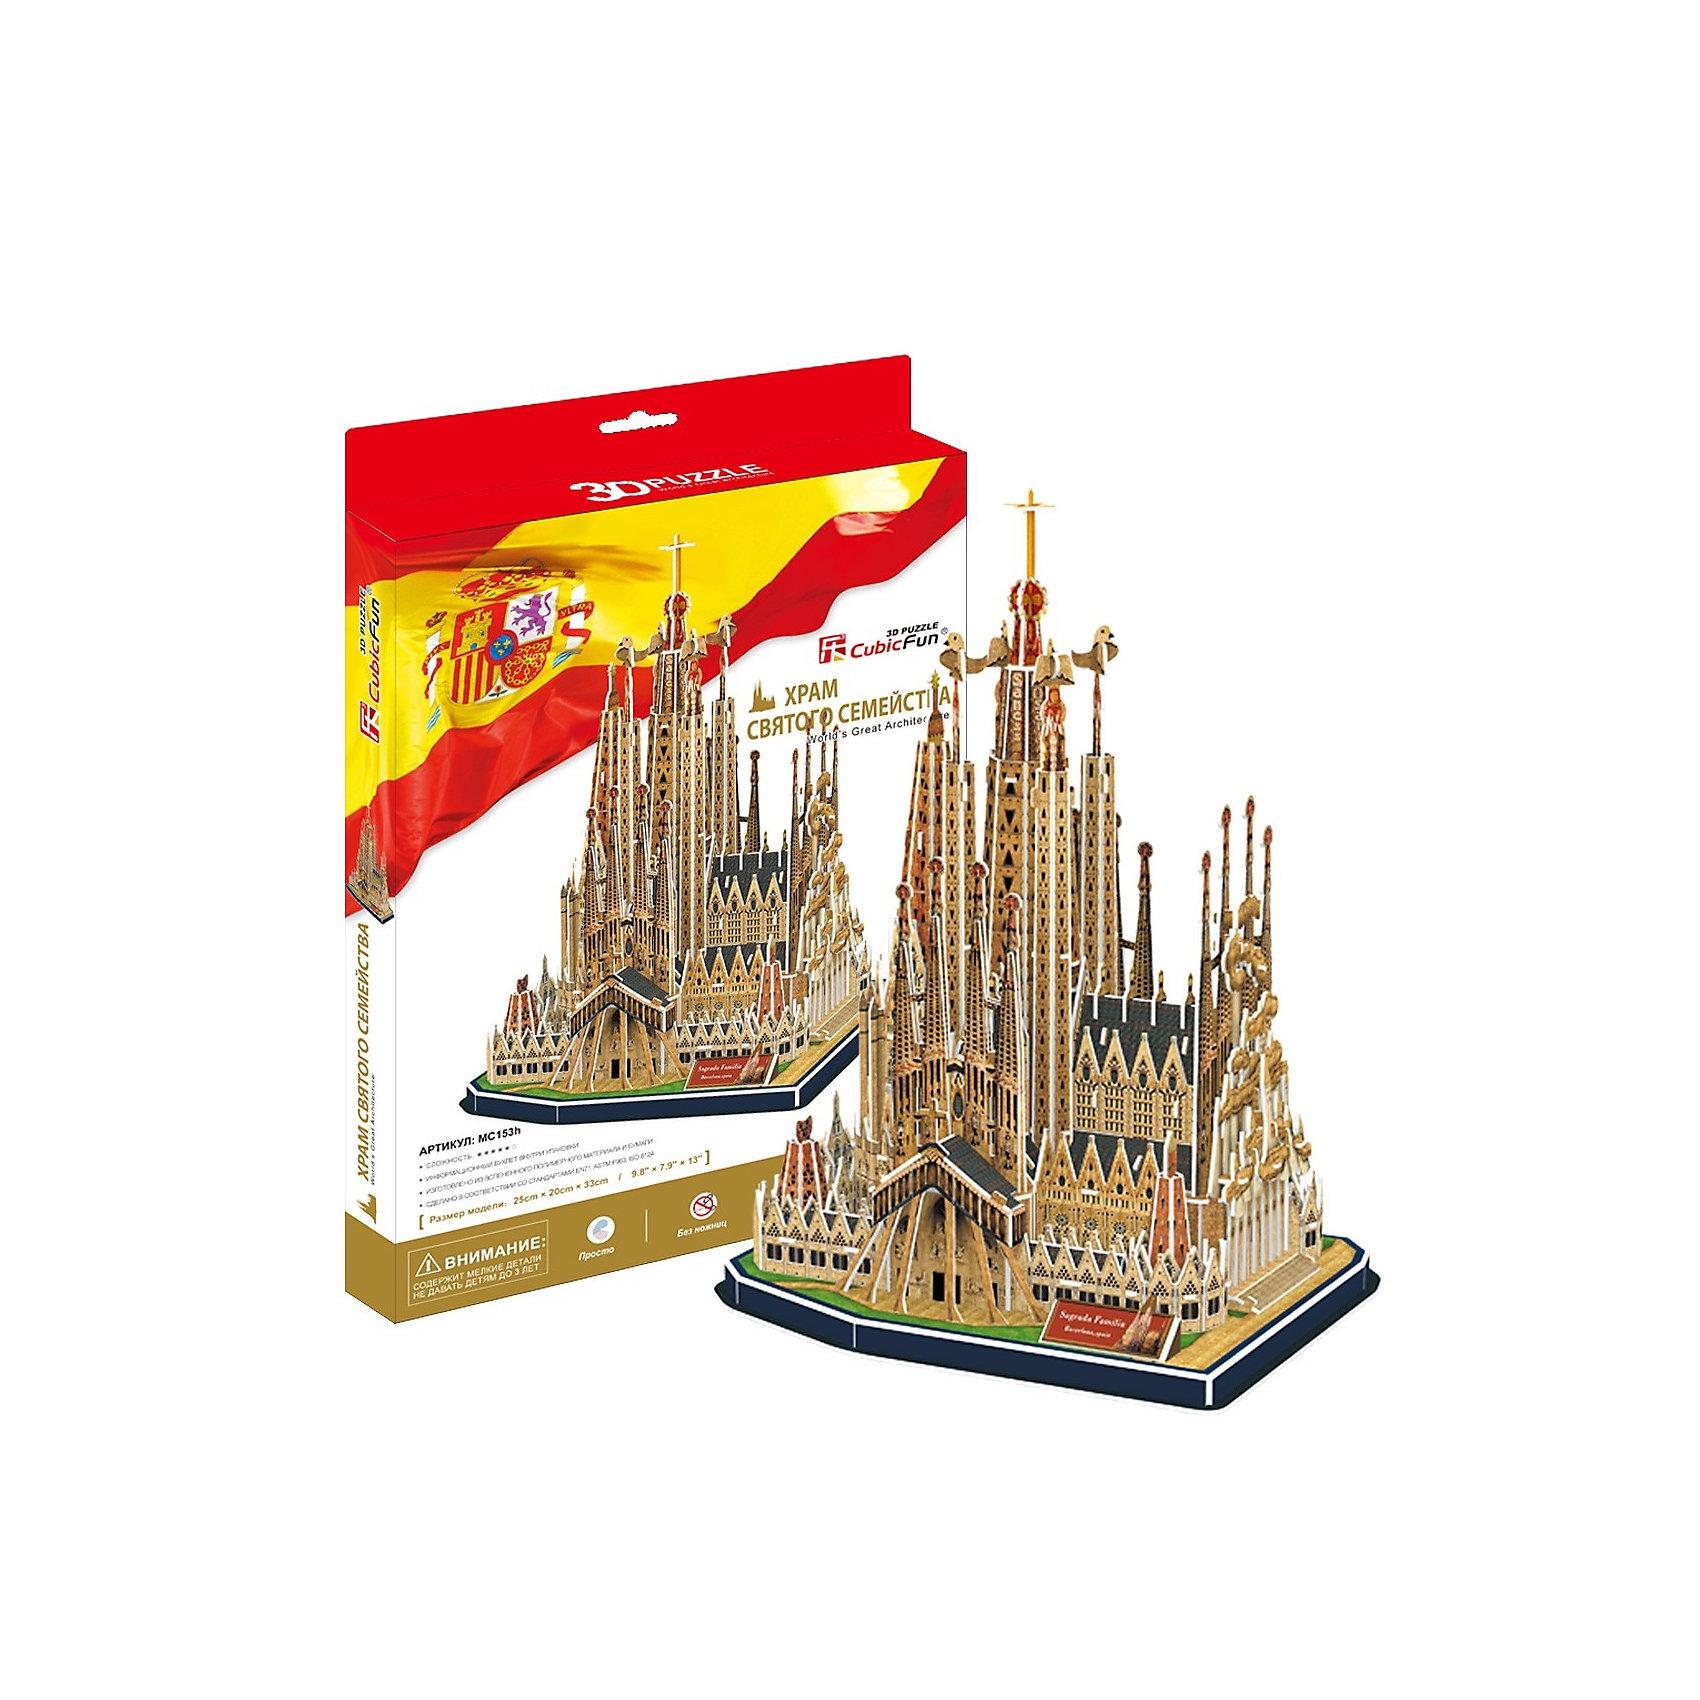 CubicFun Пазл 3D Храм Святого Семейства (Испания), CubicFun cubicfun 3d пазл эйфелева башня 2 франция cubicfun 33 детали